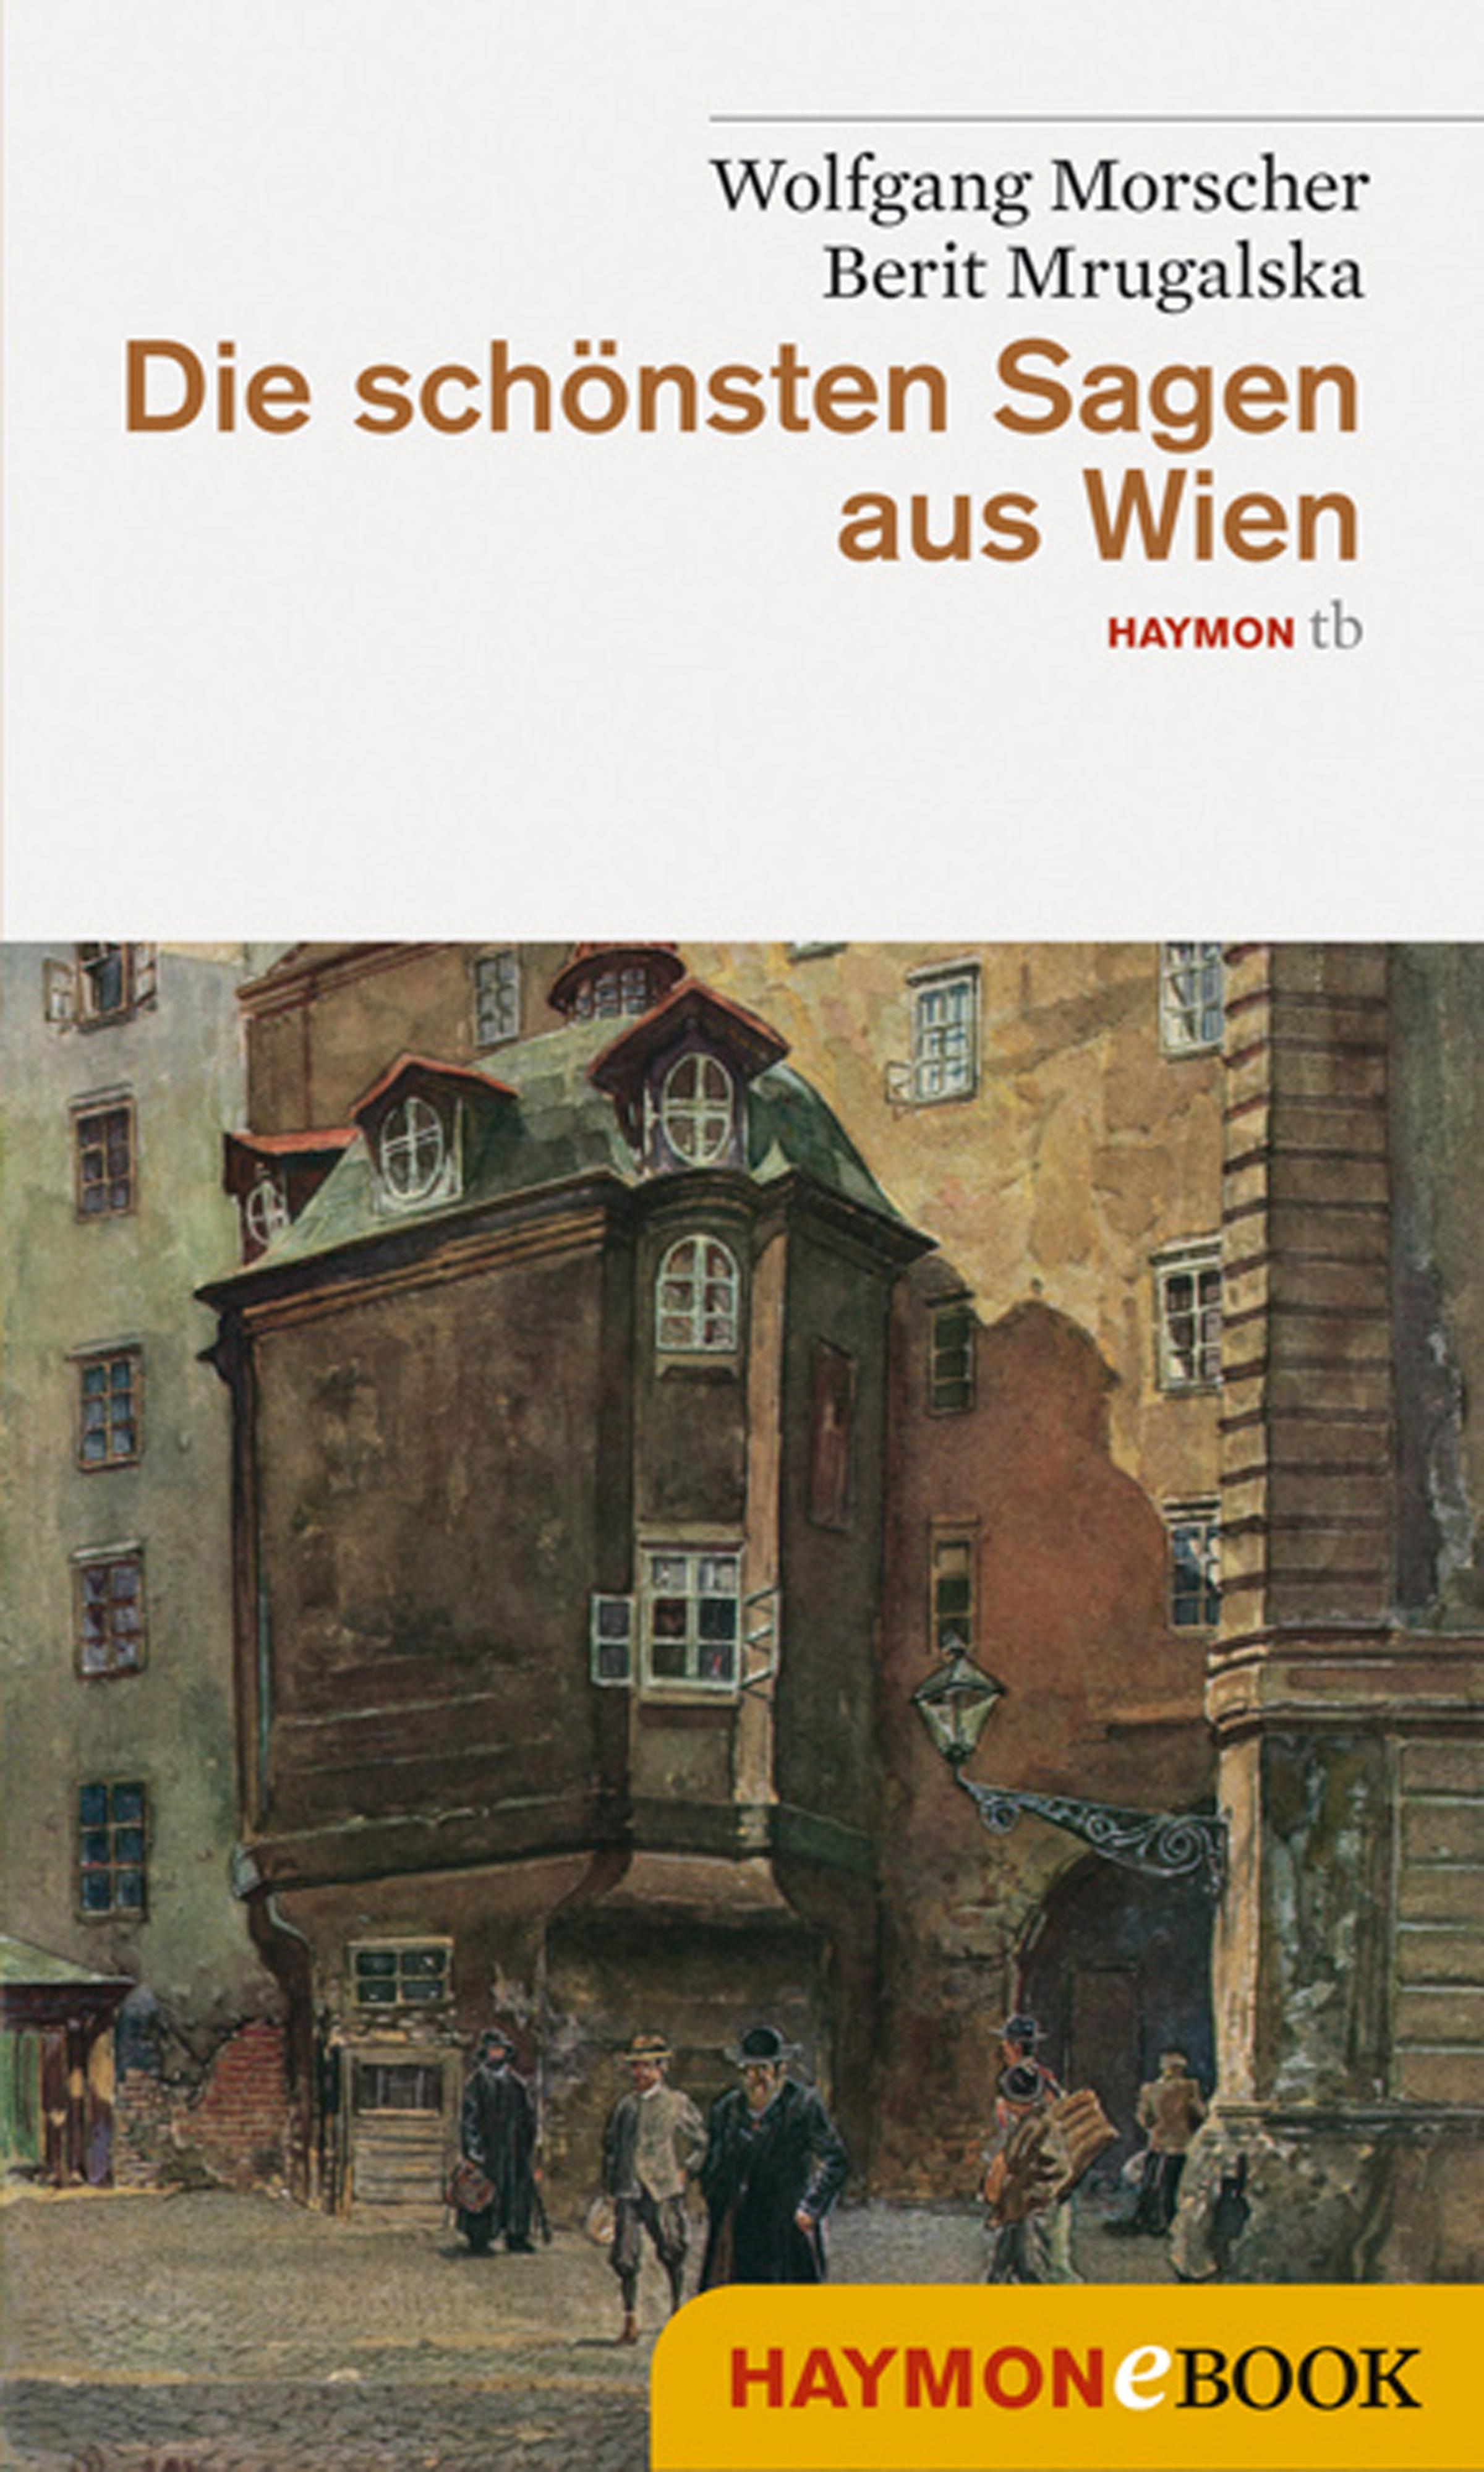 Wolfgang Morscher Die schönsten Sagen aus Wien ignaz vincenz zingerle sagen aus tirol german edition